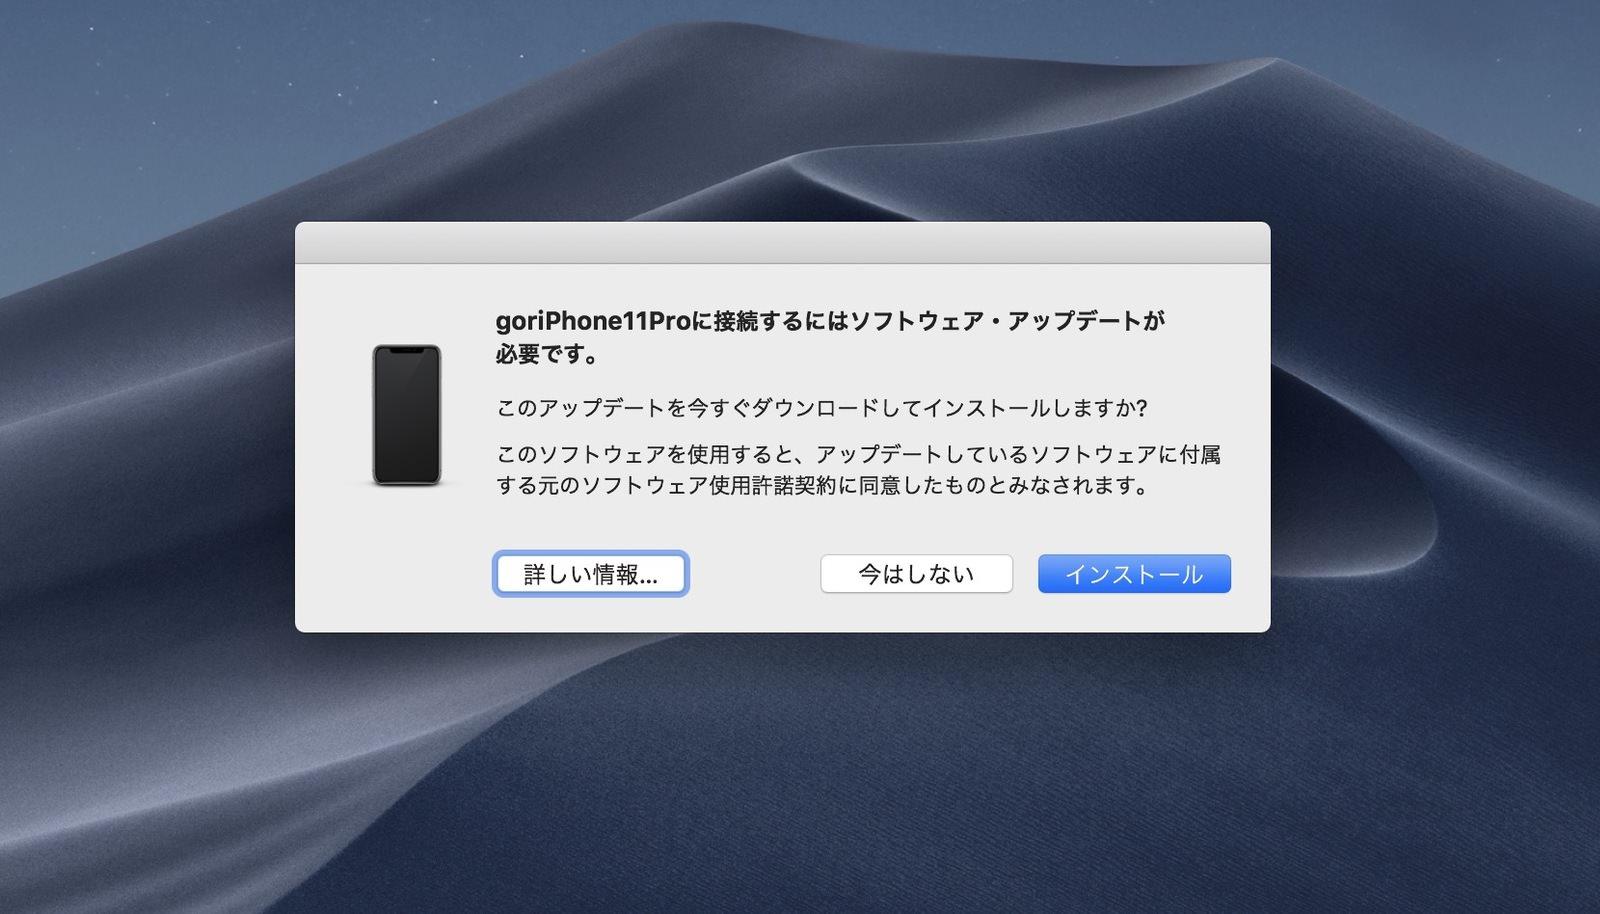 ソフトウェア できない iphone アップデート